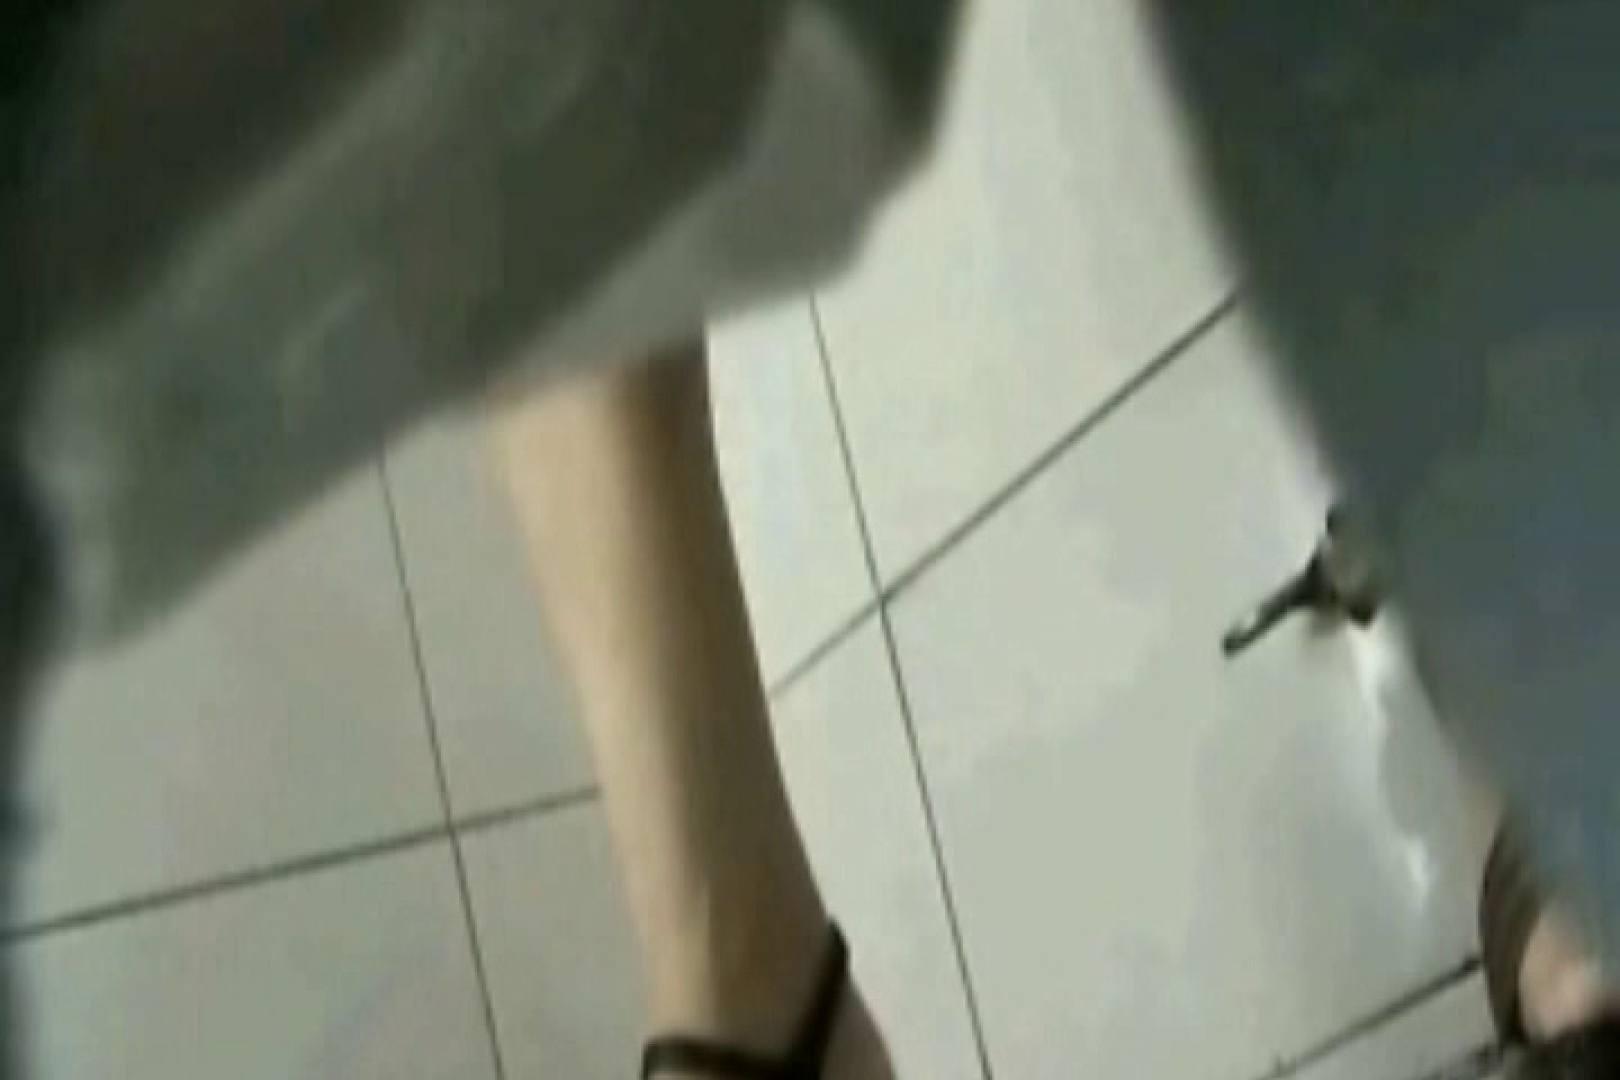 ぼっとん洗面所スペシャルVol.10 和式 盗撮オメコ無修正動画無料 61画像 45